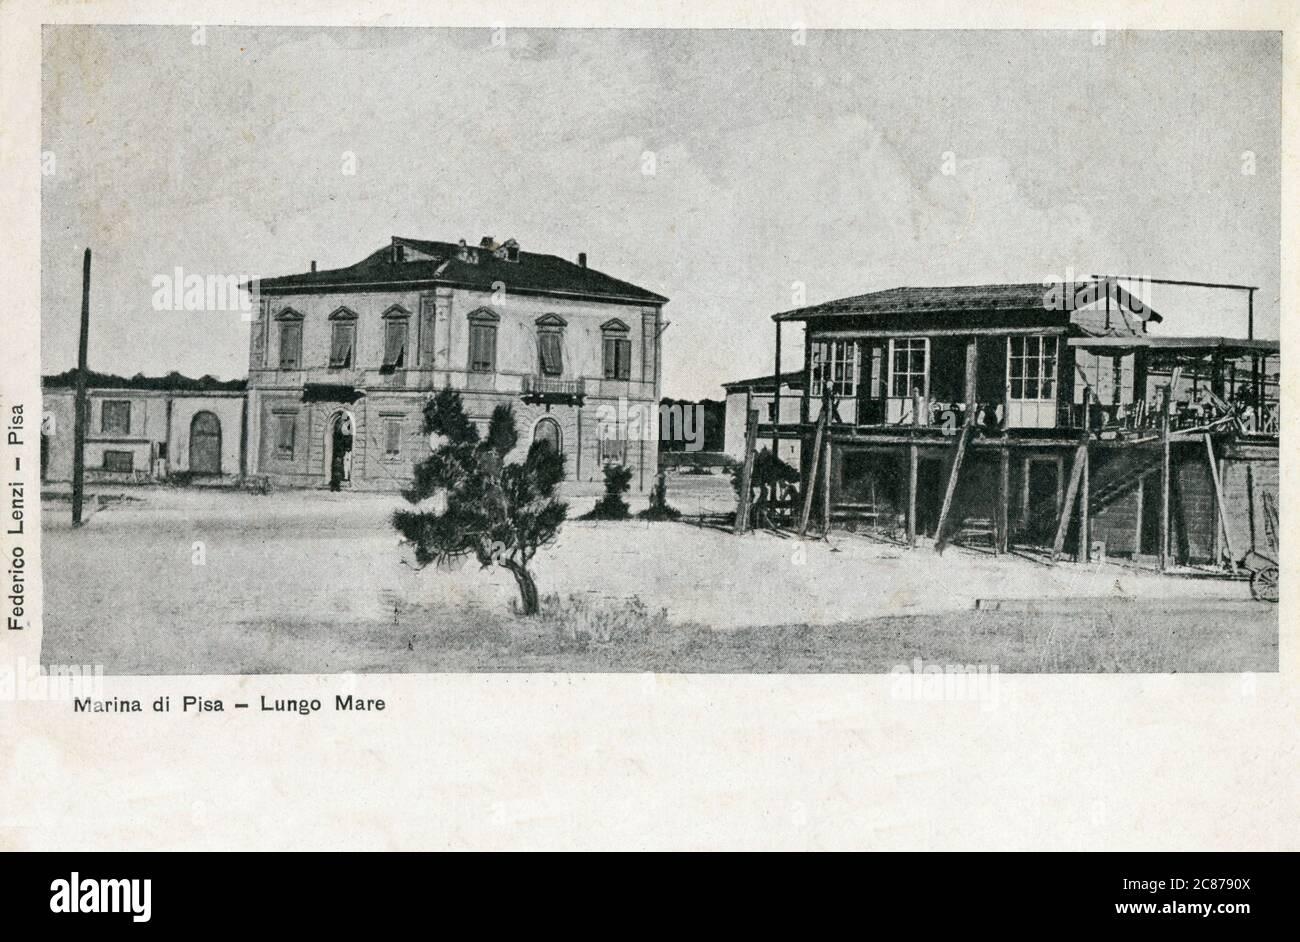 Marina di Pisa, Italie - Lungomare. Date: 1904 Banque D'Images